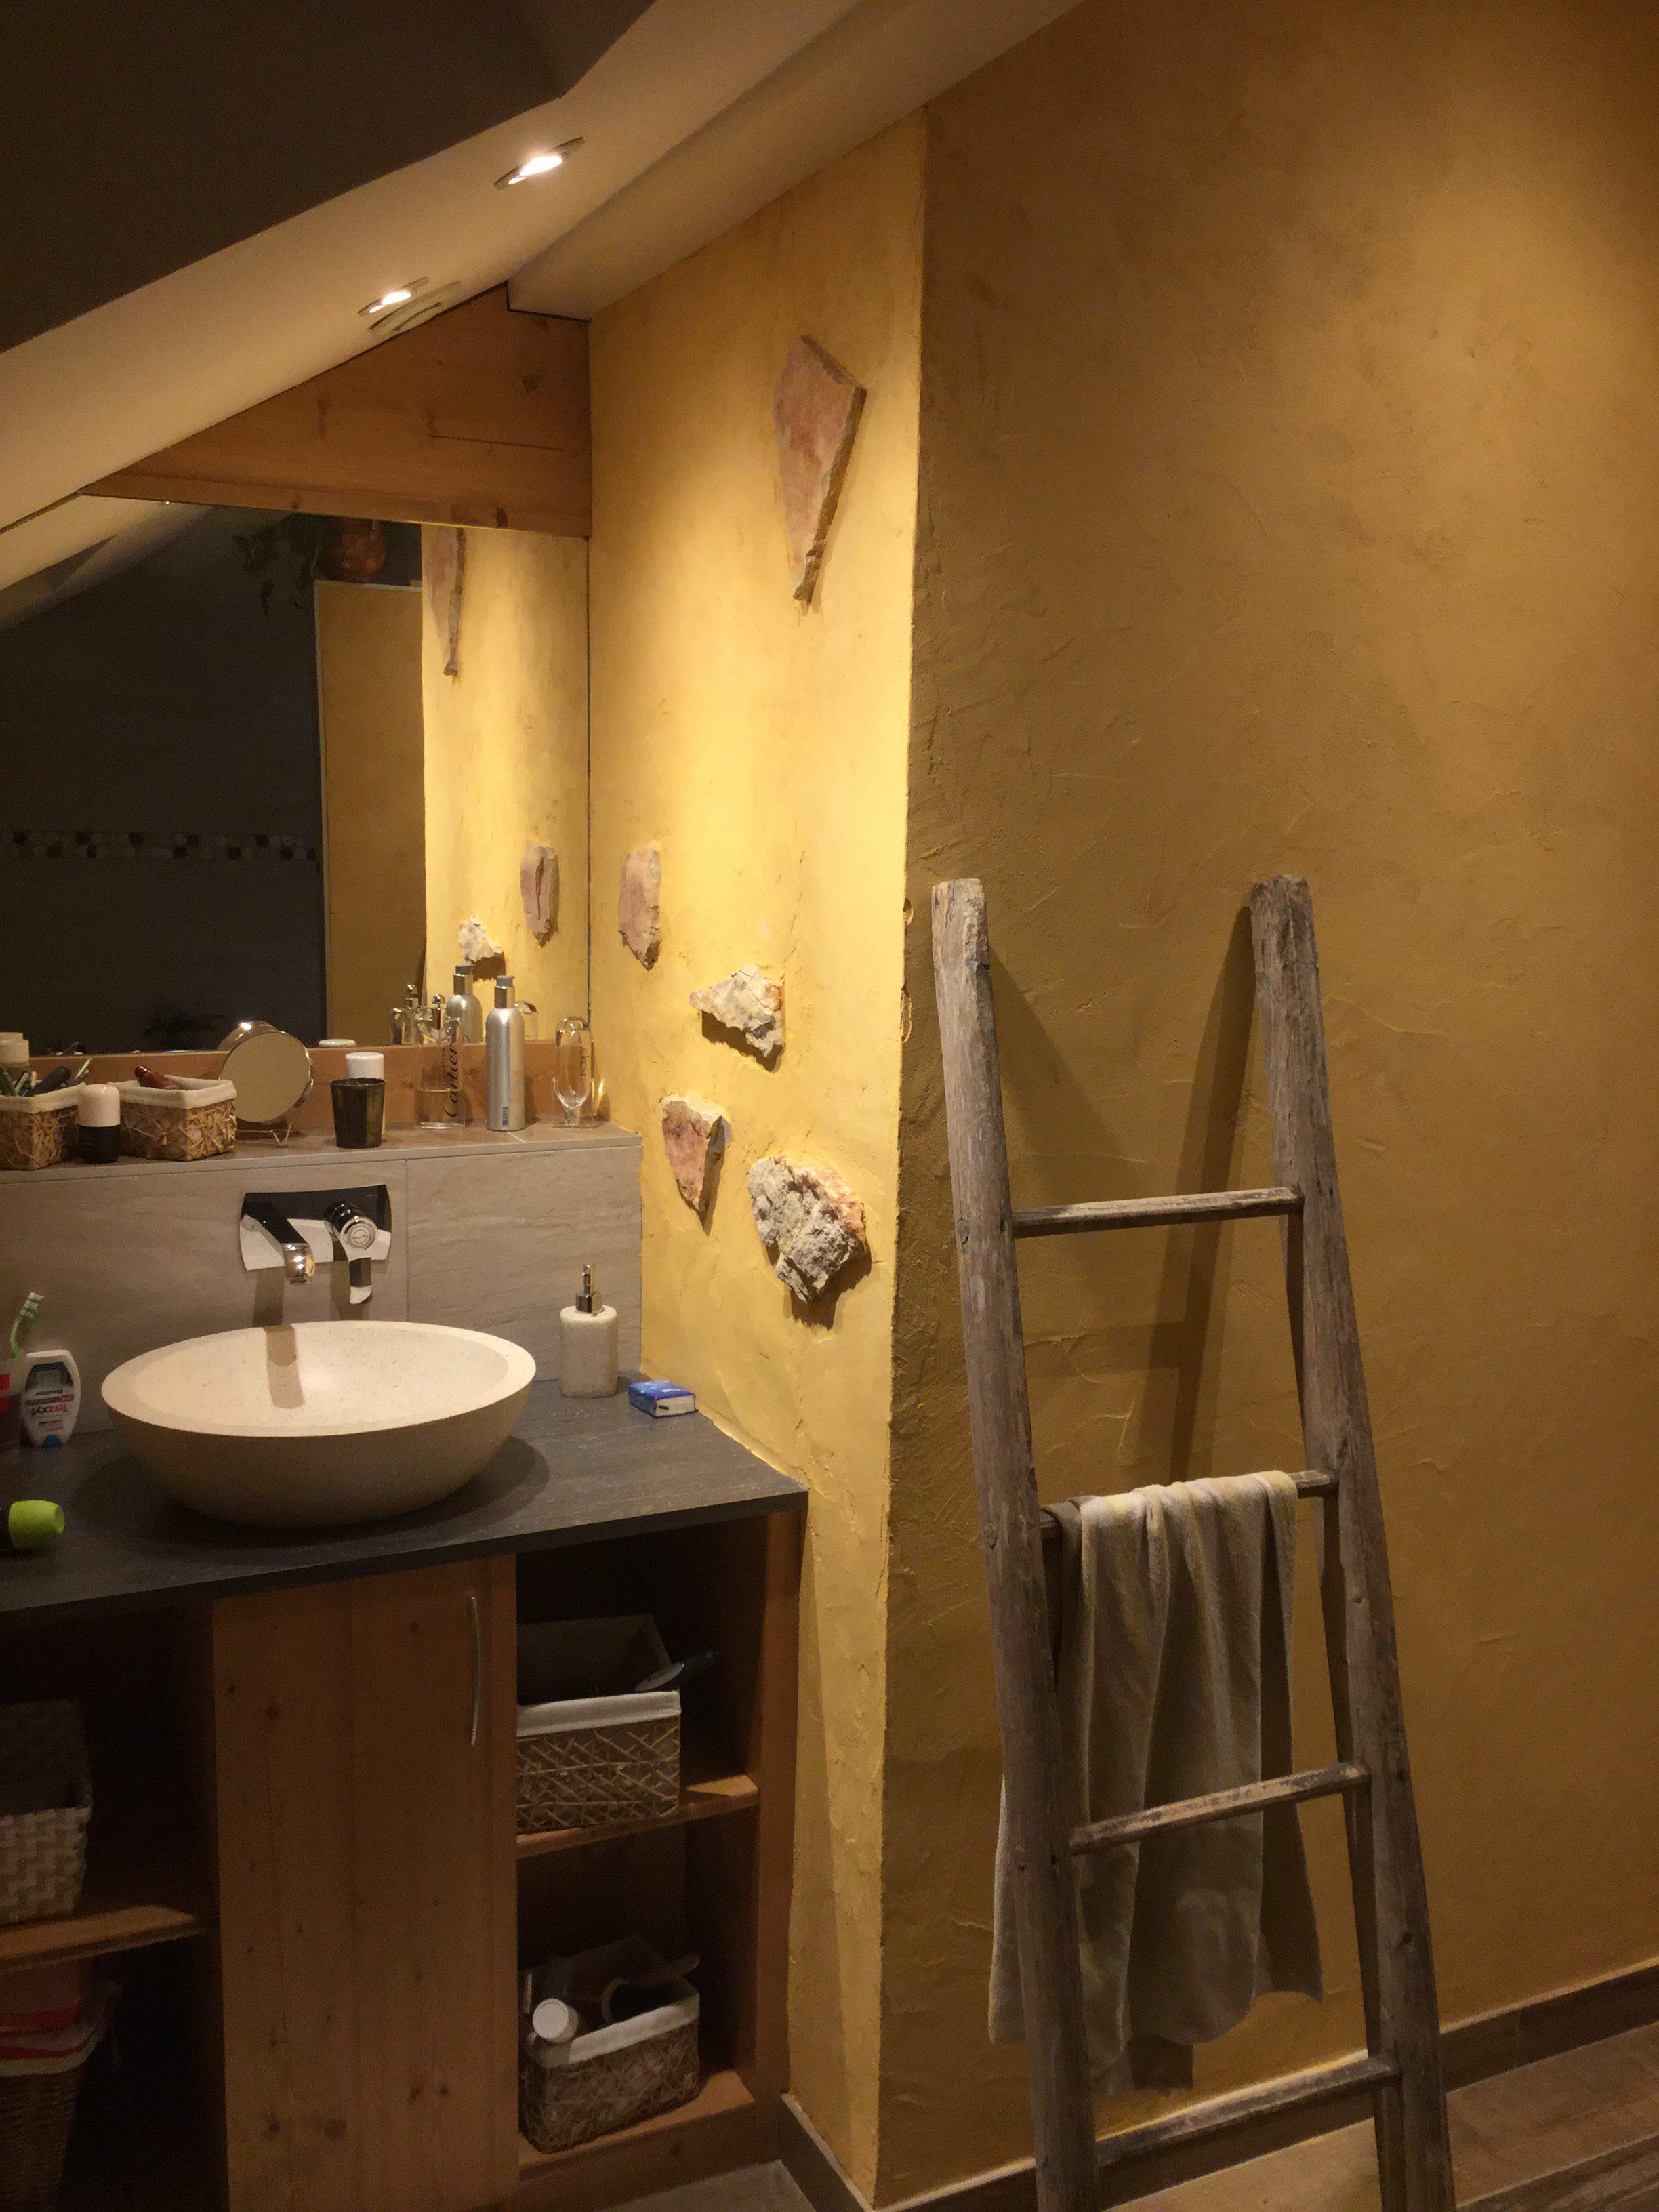 salle de bain en chaux et pierres salle de bain a la chaux - Salle De Bain A La Chaux